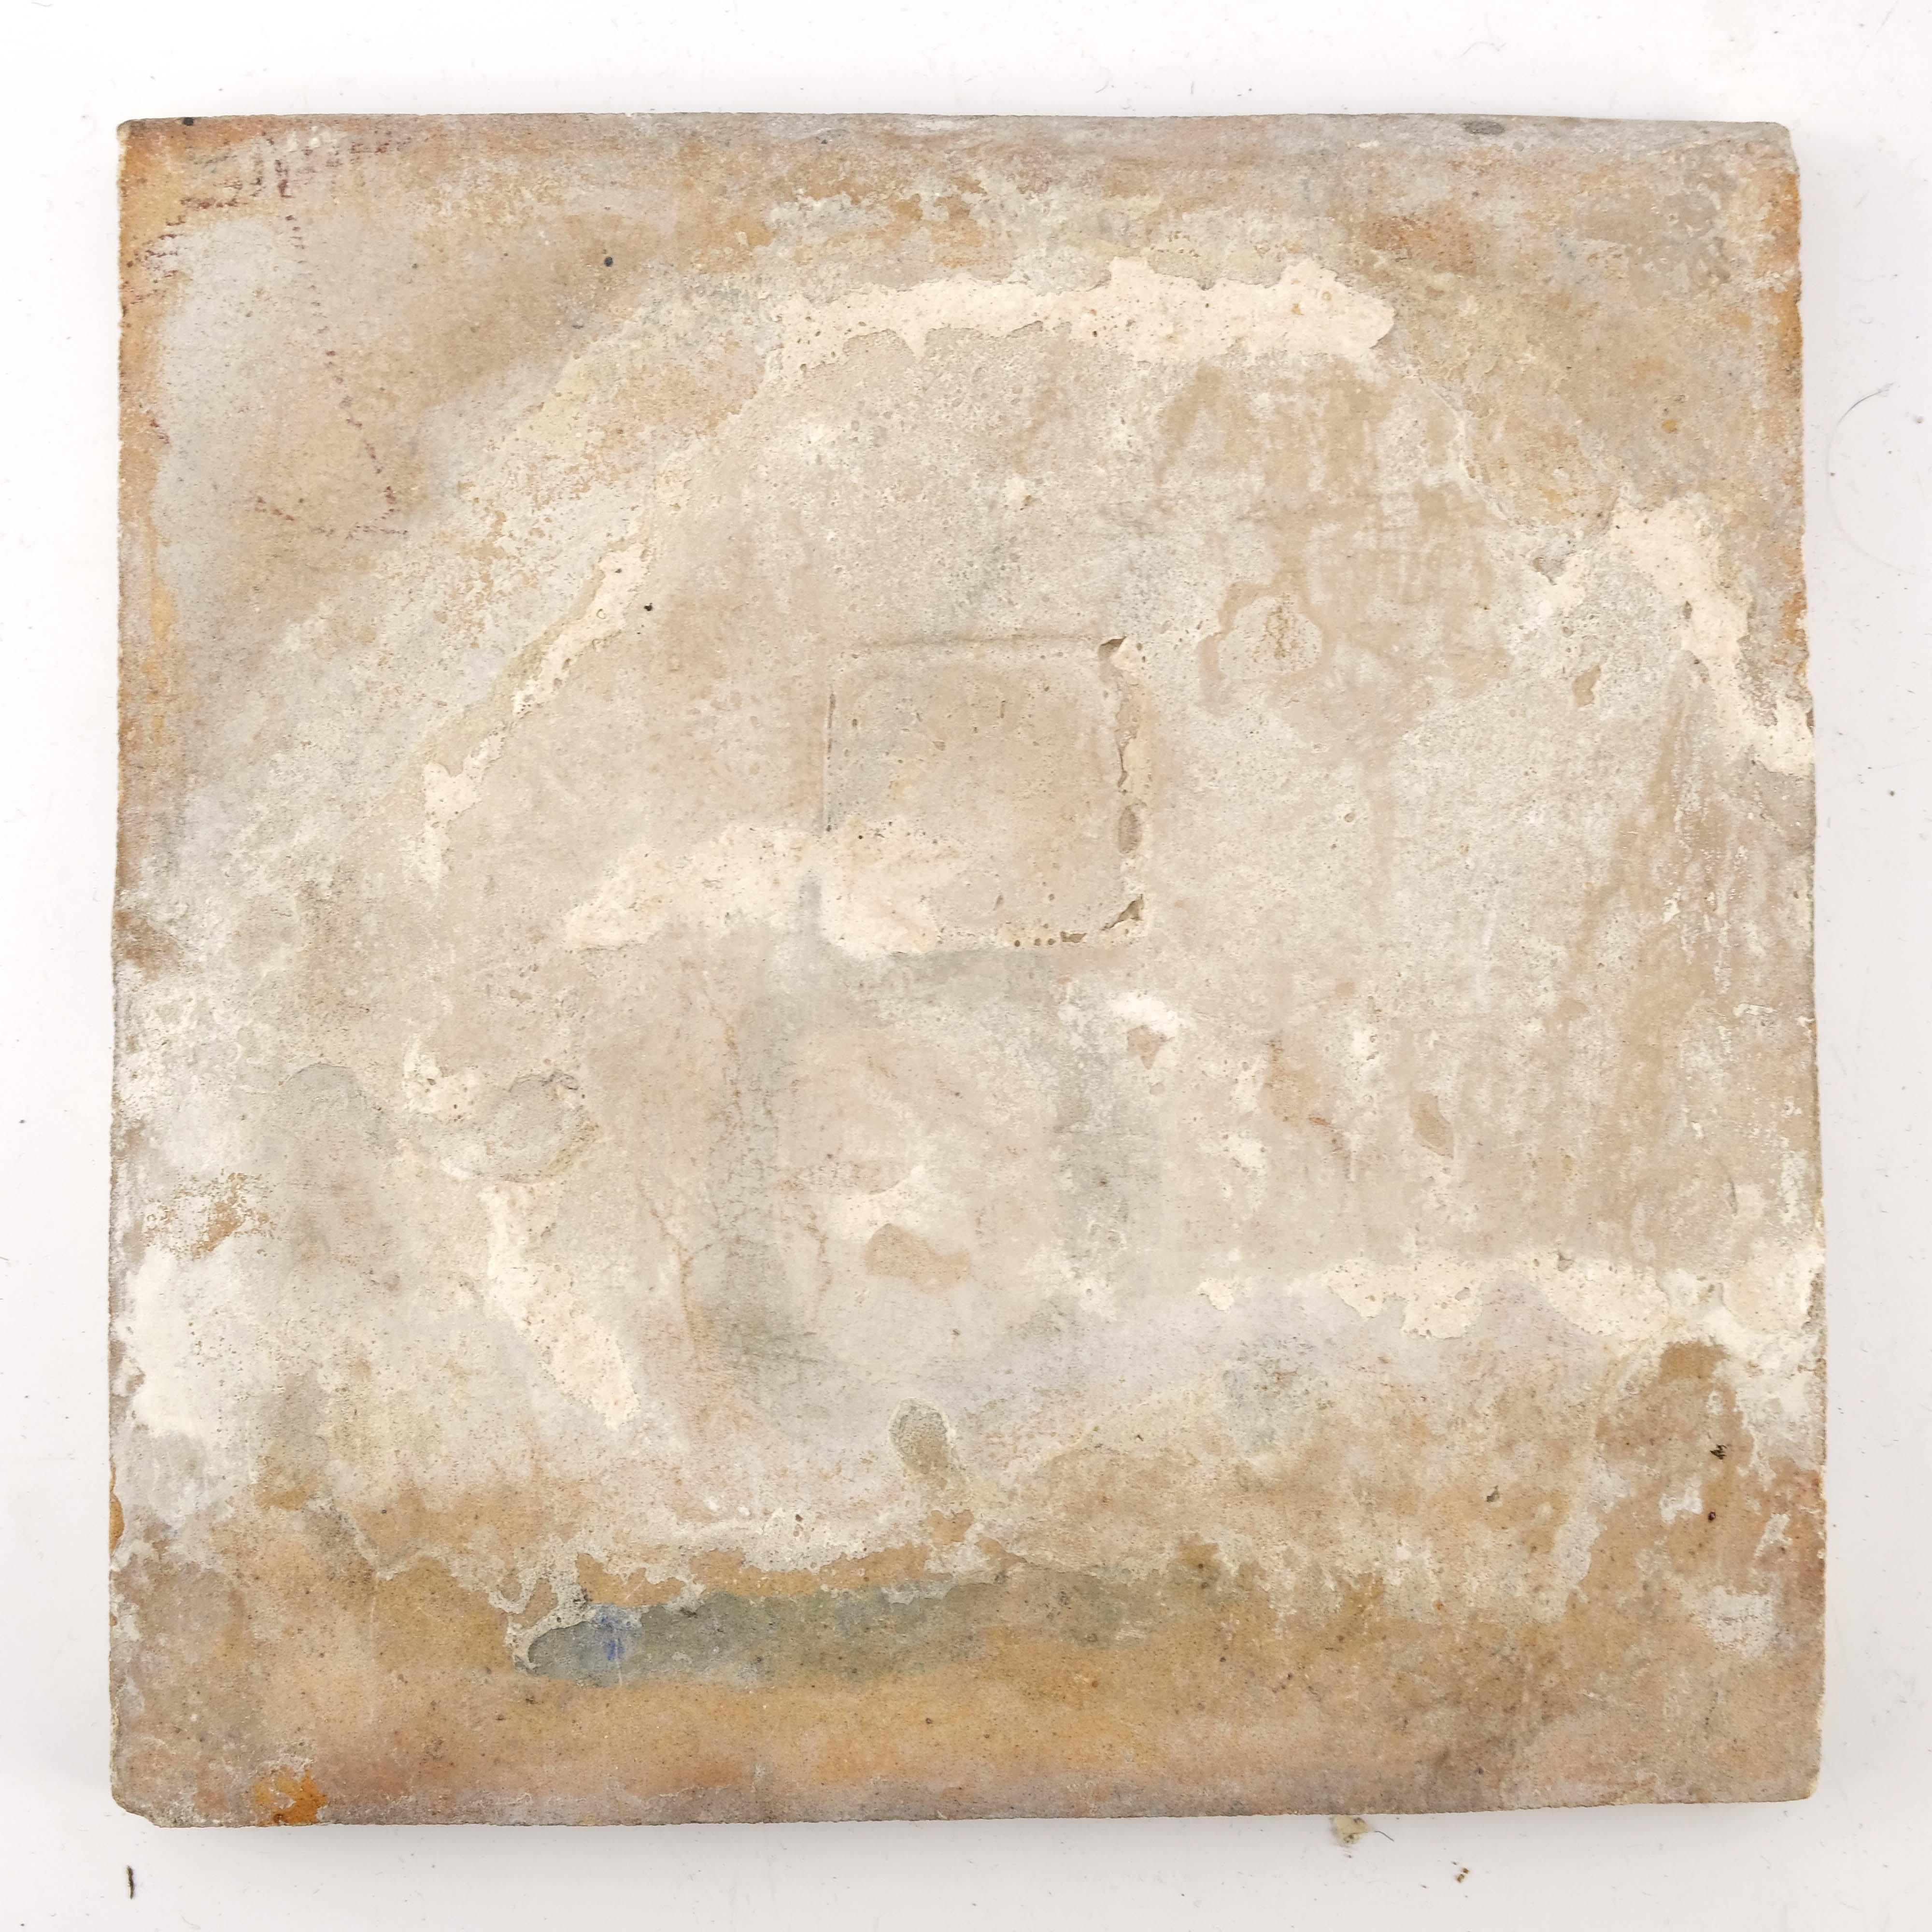 William De Morgan, a large Fan tile - Image 3 of 4